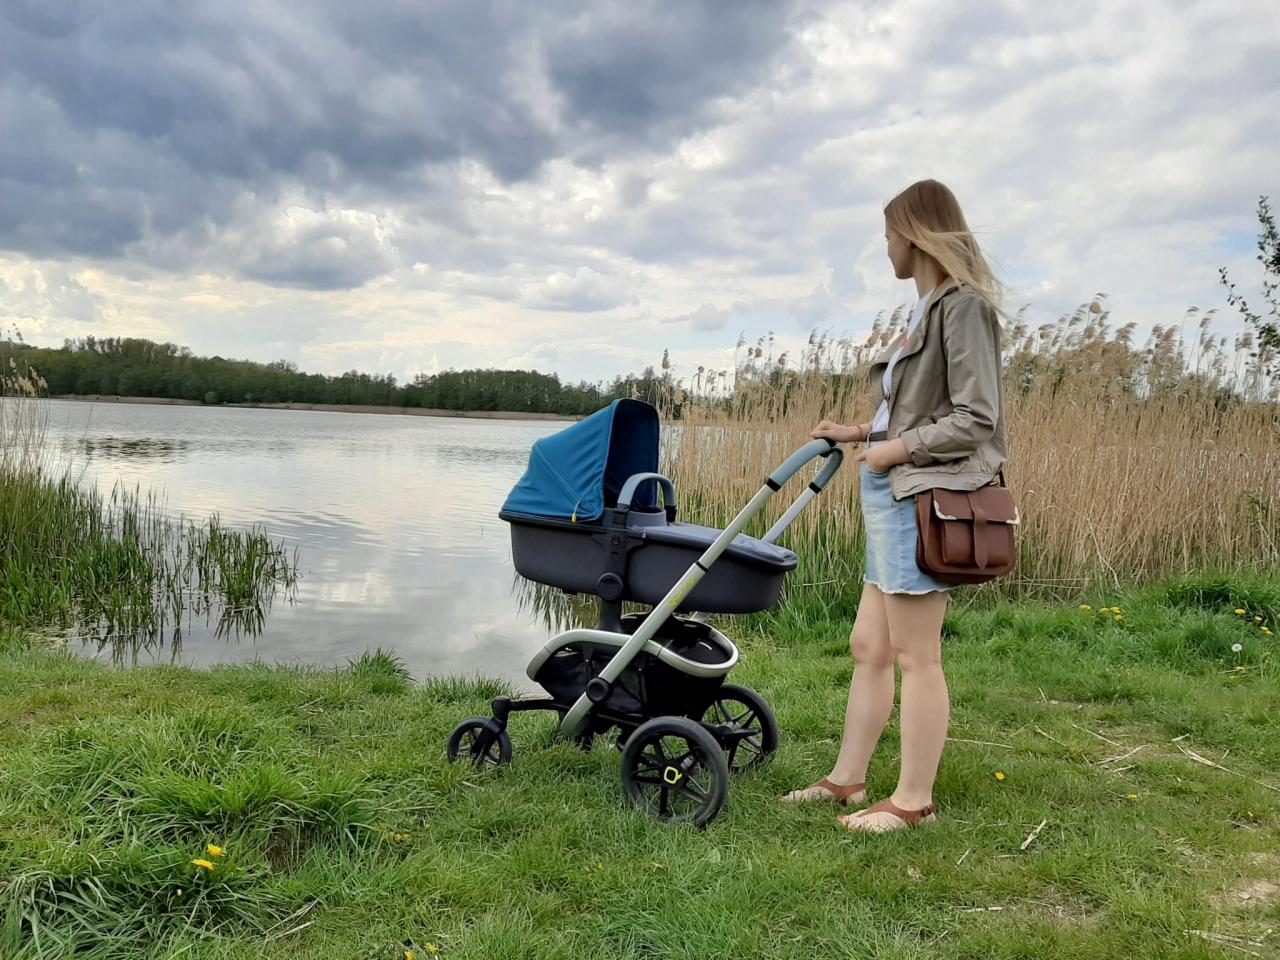 Pamiętaj, aby podczas spacerów z noworodkiem lub niemowlęciem korzystać z wózka spacerowego, który dzięki twardemu, prostemu podłożu przyczynia się do prawidłowego rozwoju kręgosłupa u dziecka